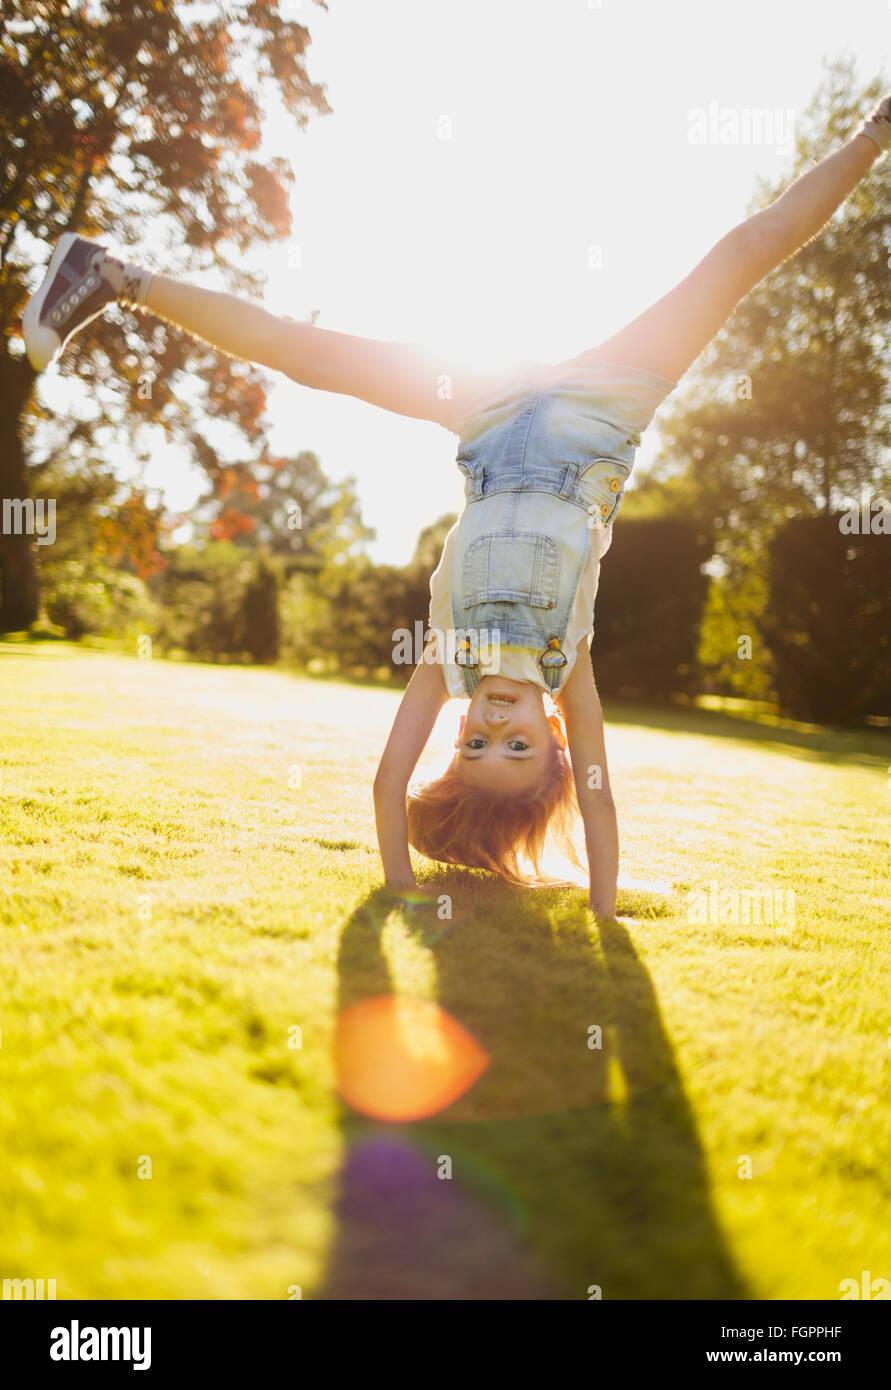 Girl doing handstand in sunny garden - Stock Image